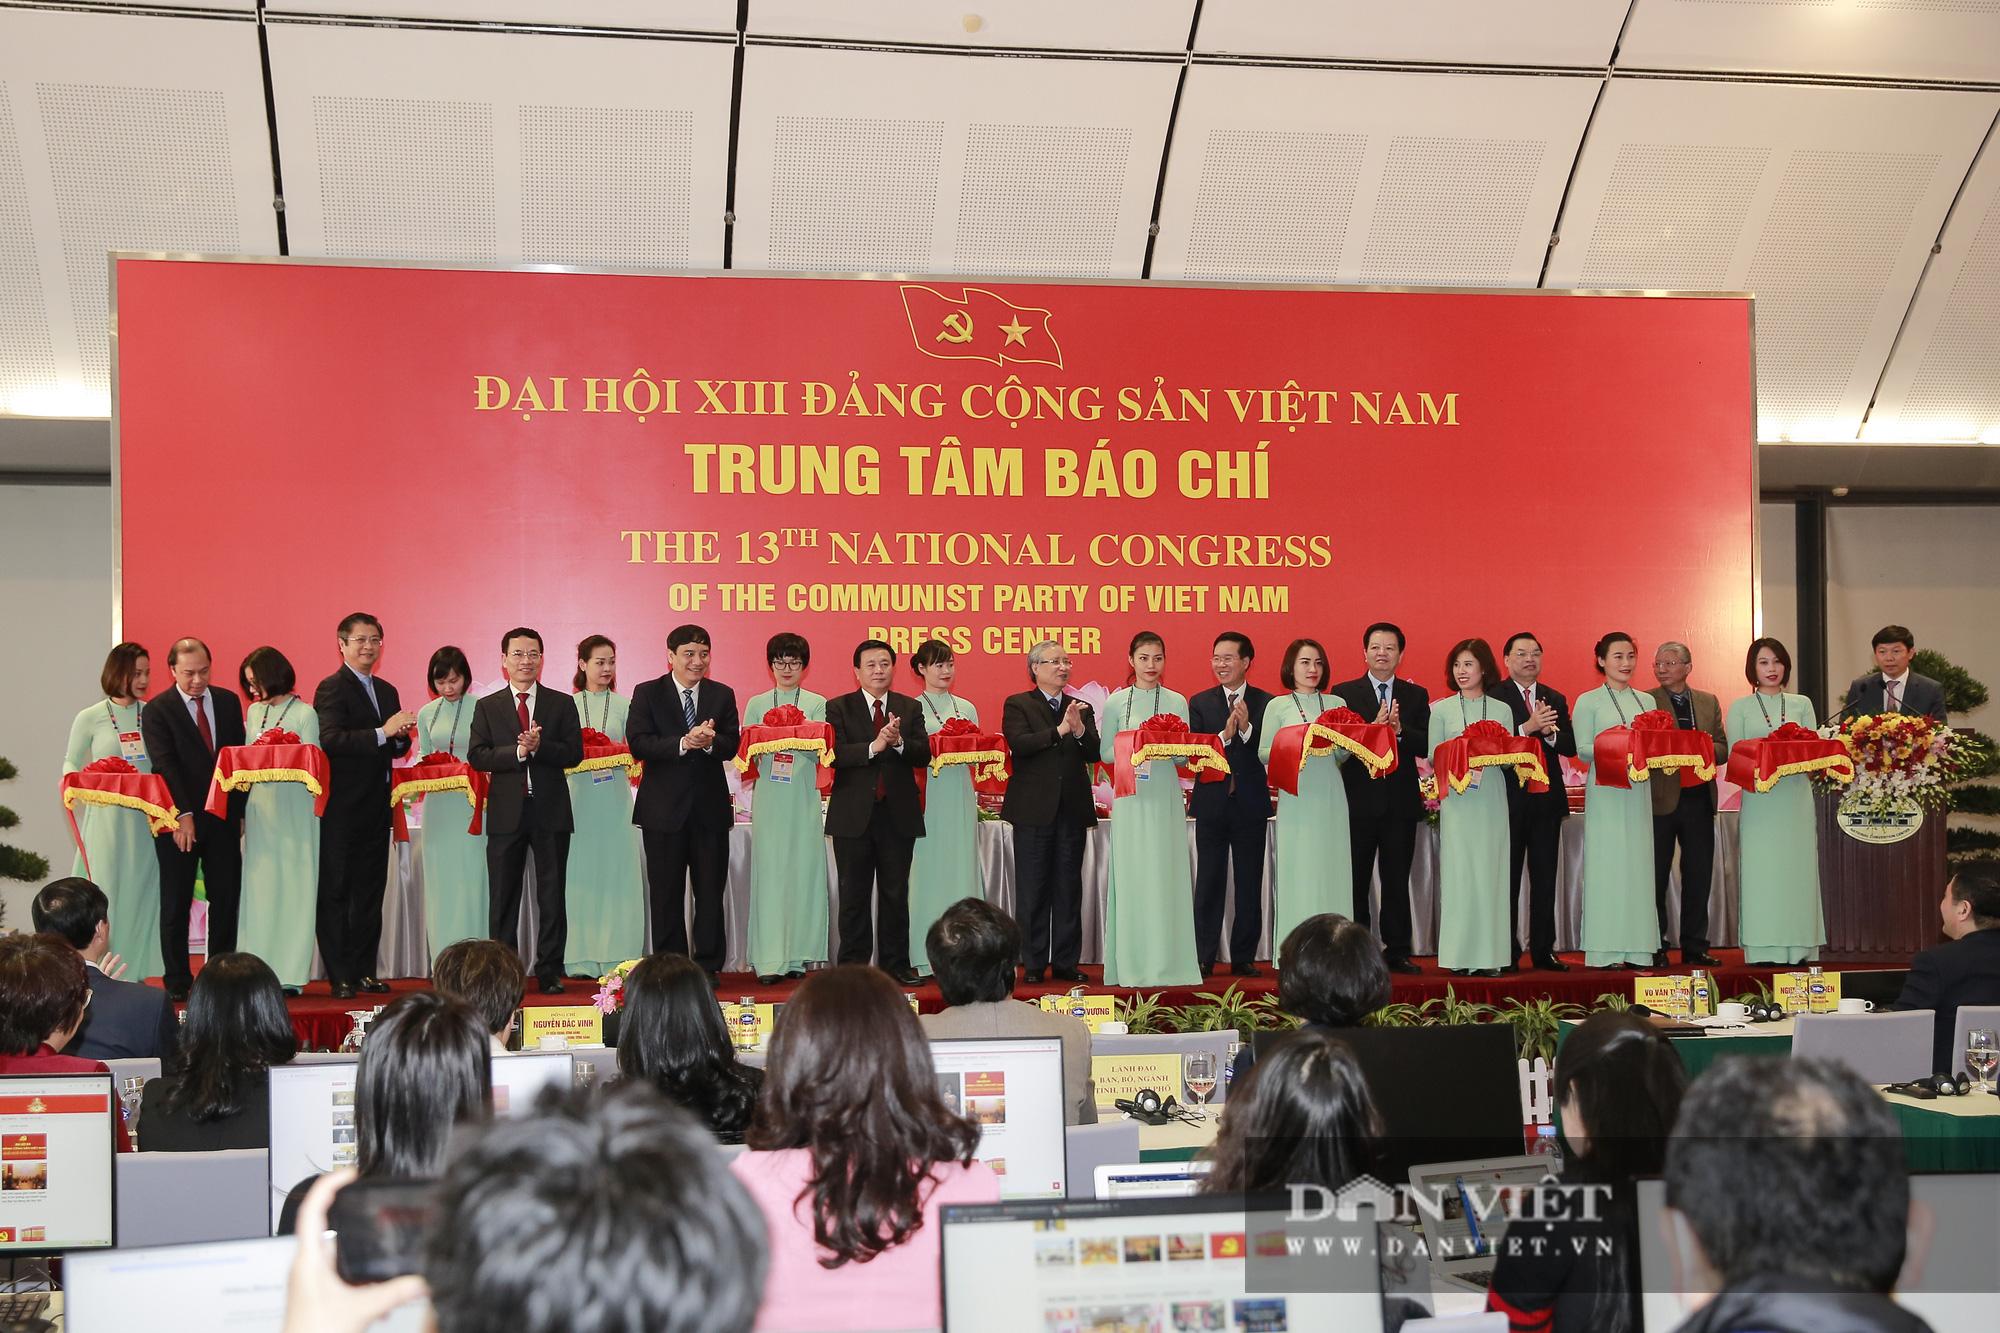 Khai trương trung tâm báo chí phục vụ Đại hội XIII của Đảng - Ảnh 1.